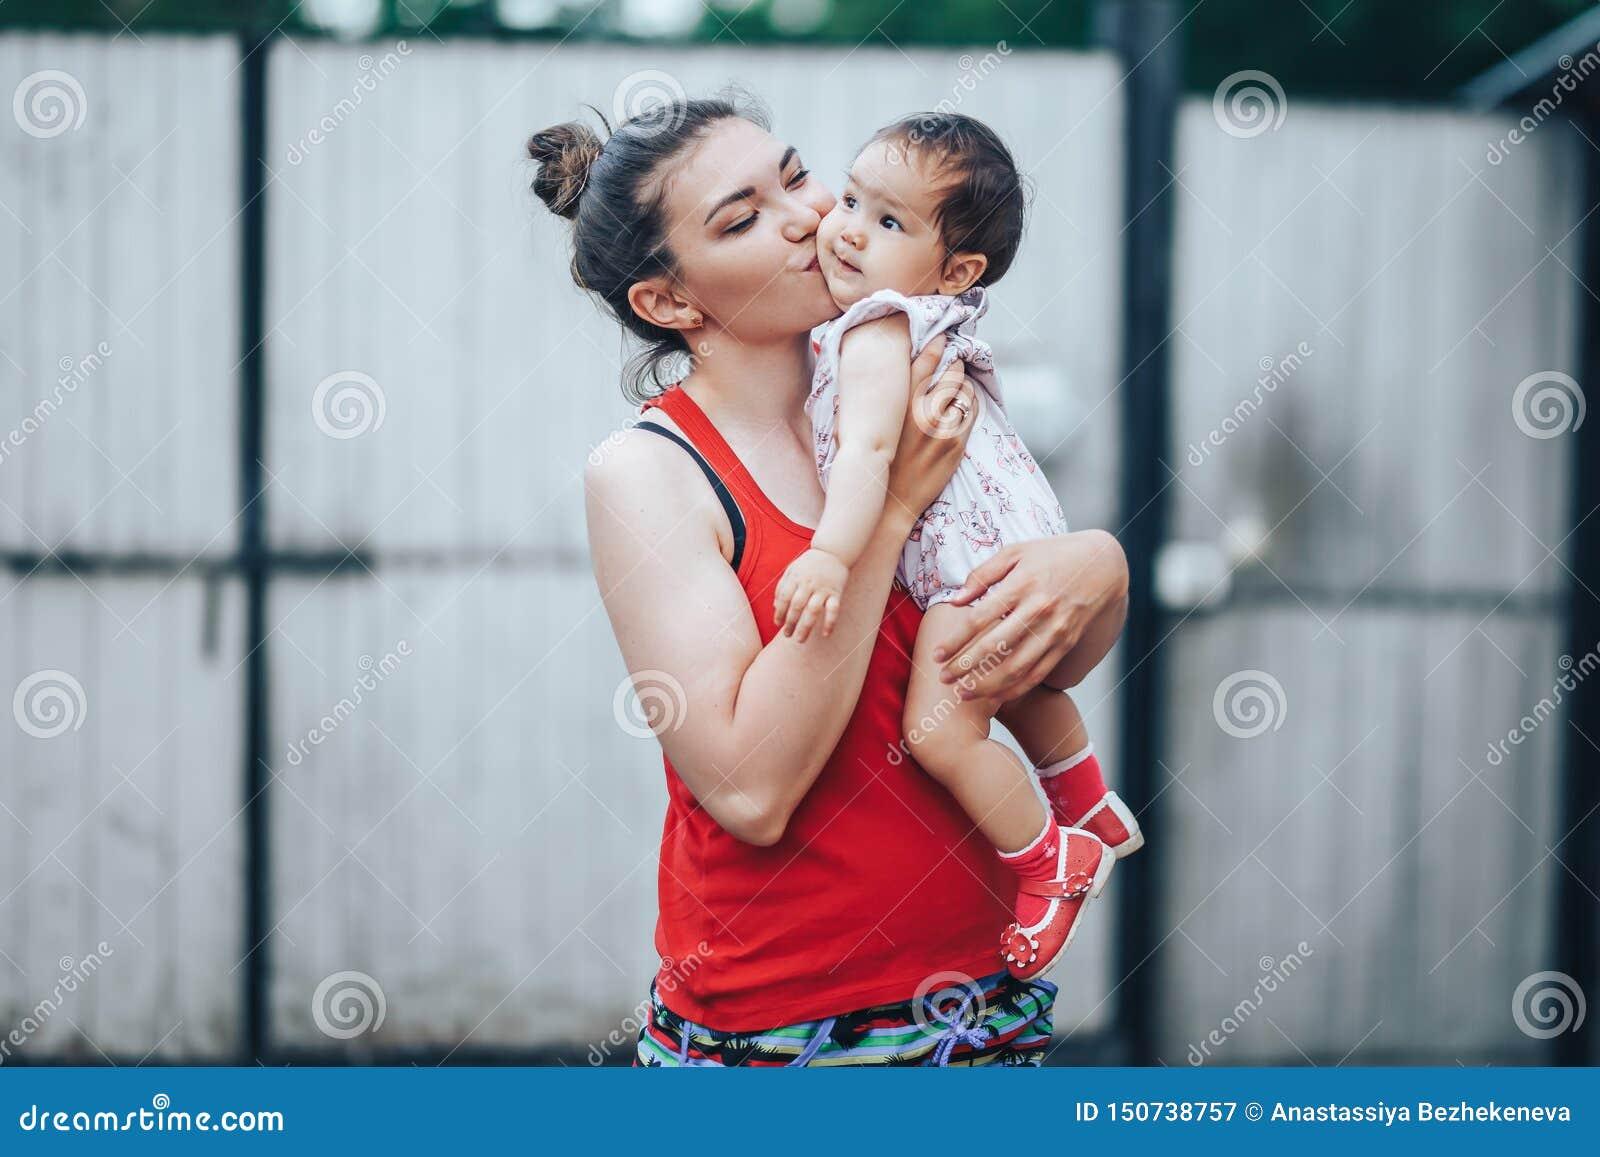 Mooie Moeder en Baby in openlucht op de yard van huis Schoonheid Mum en haar babykind één éénjarige die in yard samen spelen mom